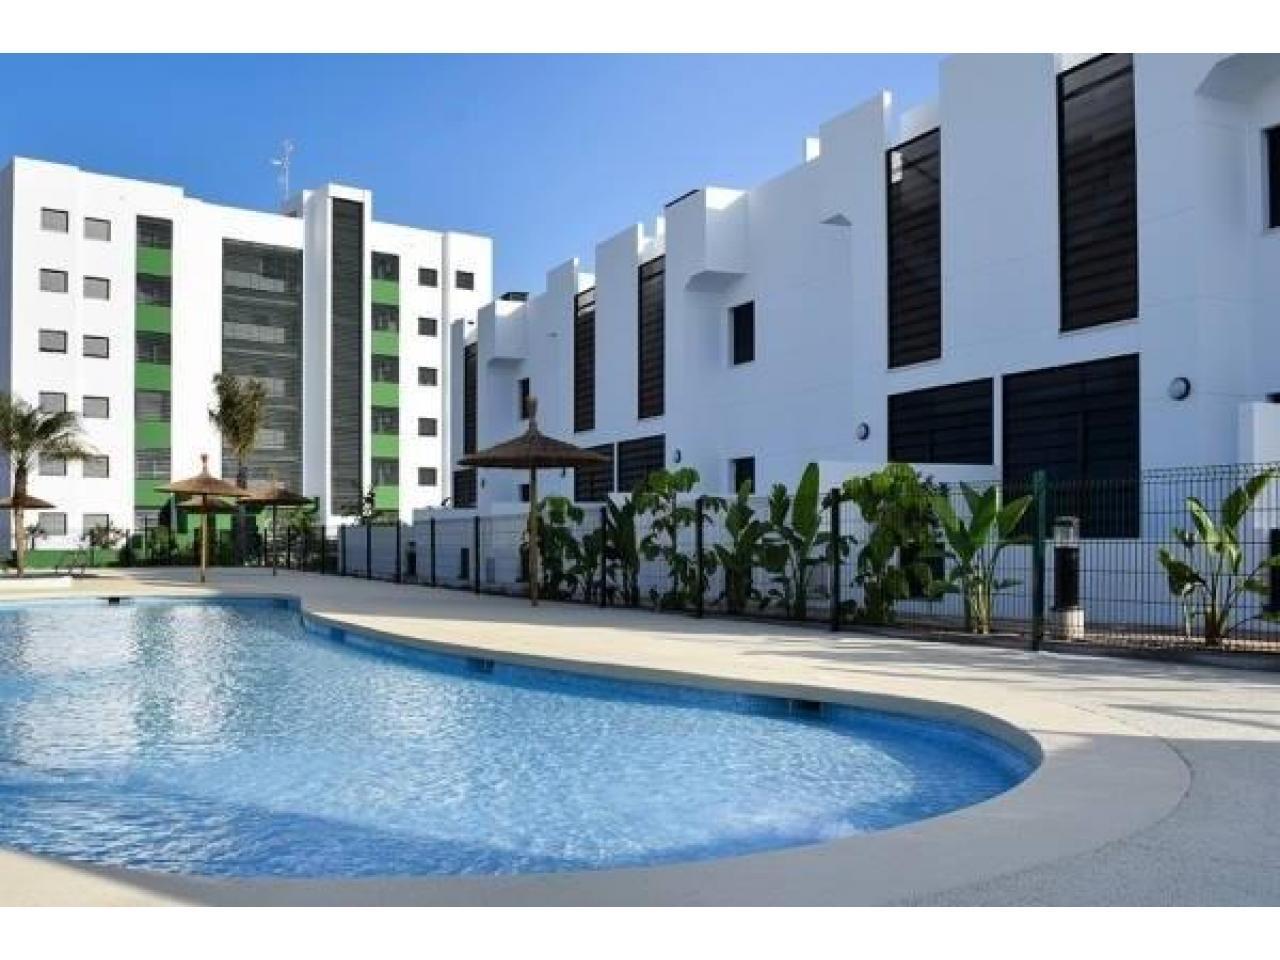 Недвижимость в Испании, Новые бунгало рядом с пляжем от застройщика в Миль Пальмерас - 10